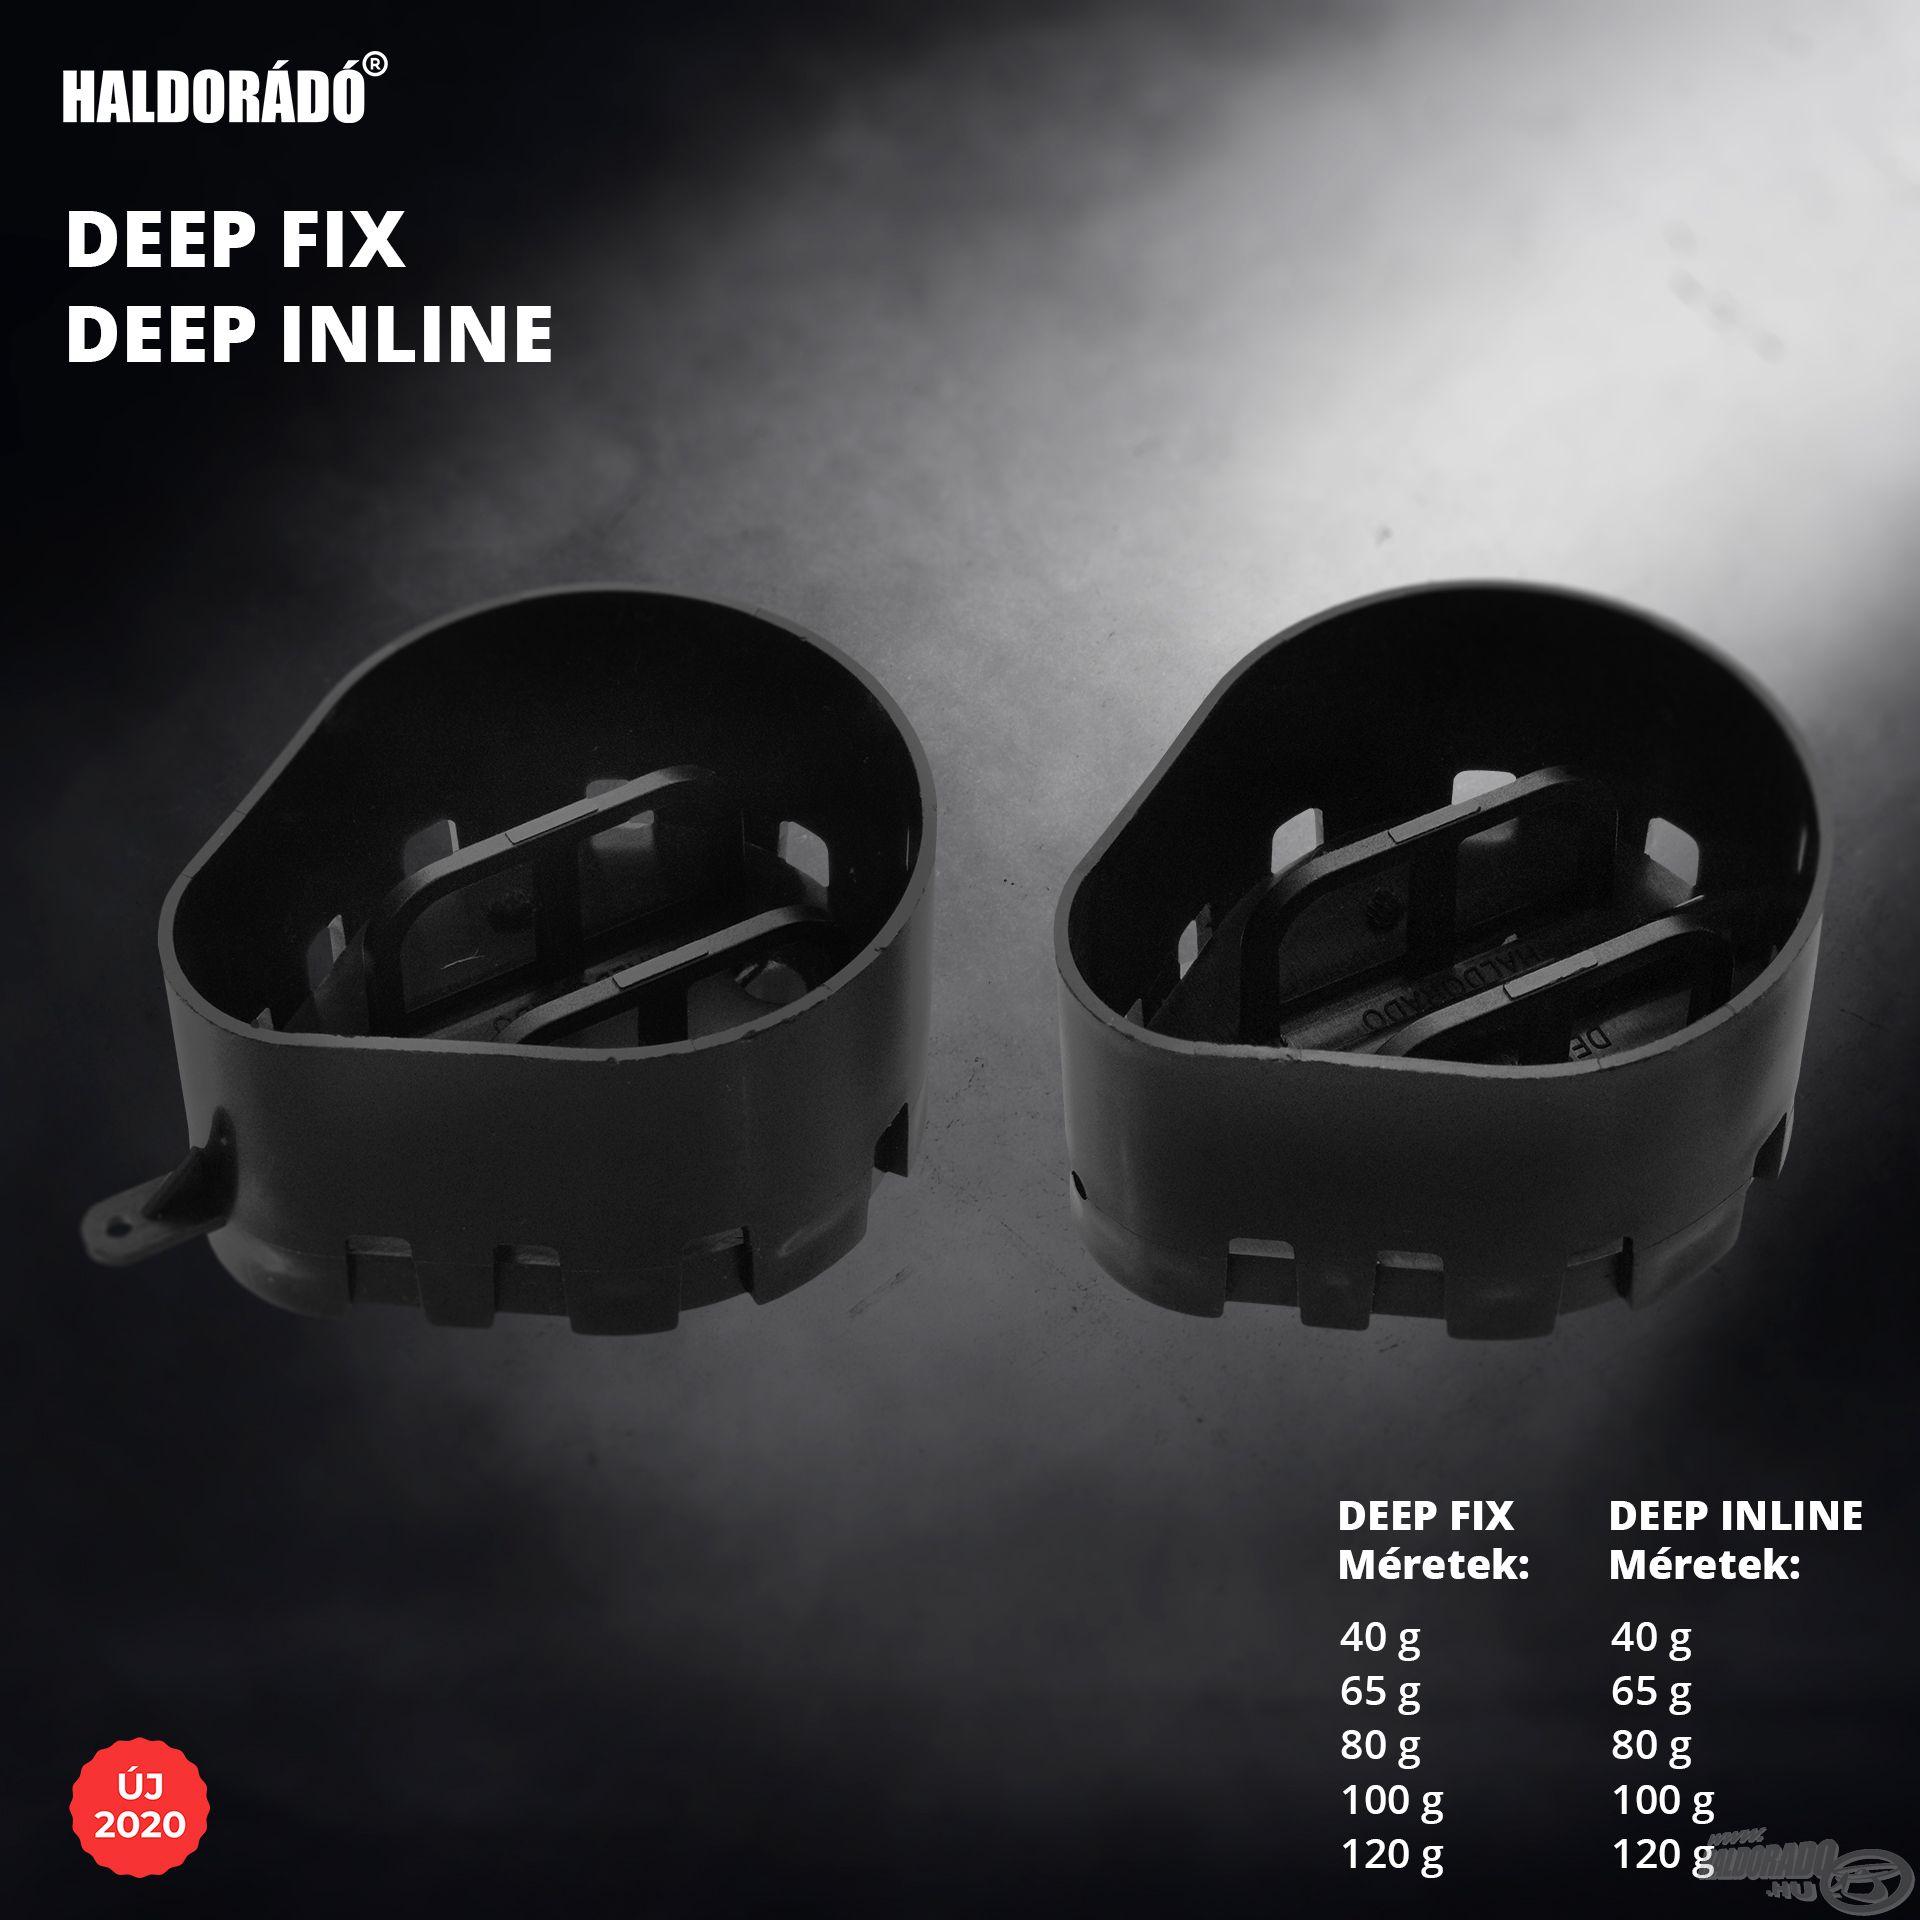 A Haldorádó Deep Inline és Deep Fix igazán szokatlan formájú kosarak, amelyeket speciális helyzetekre fejlesztettünk